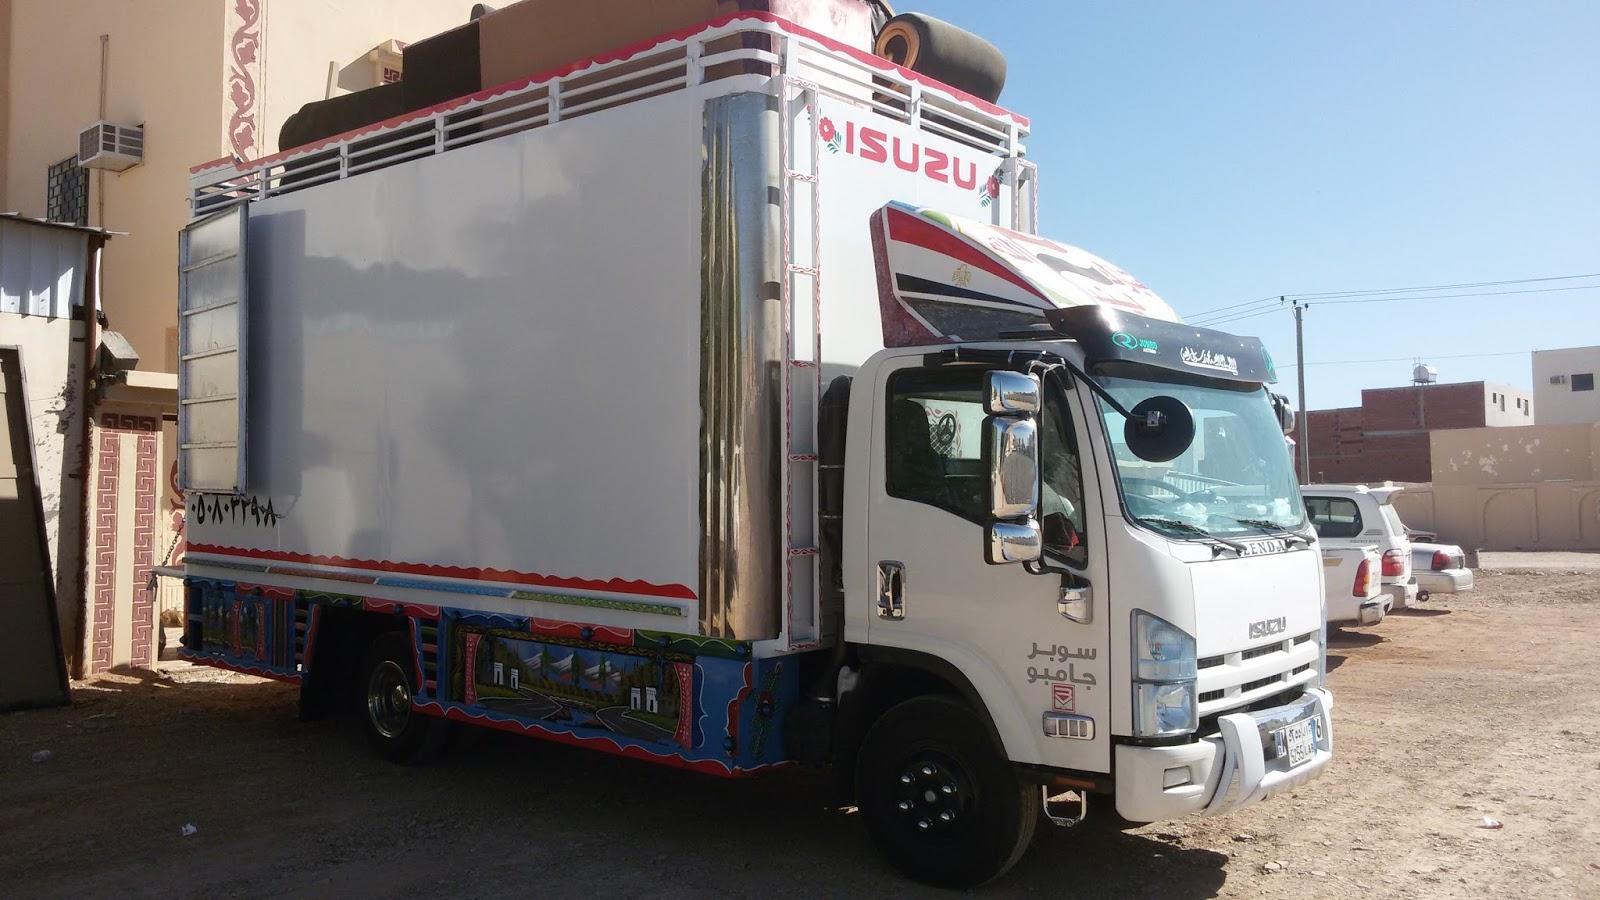 صورة شركة نقل اثاث بالمدينة المنورة , افضل شركة نقل اثاث